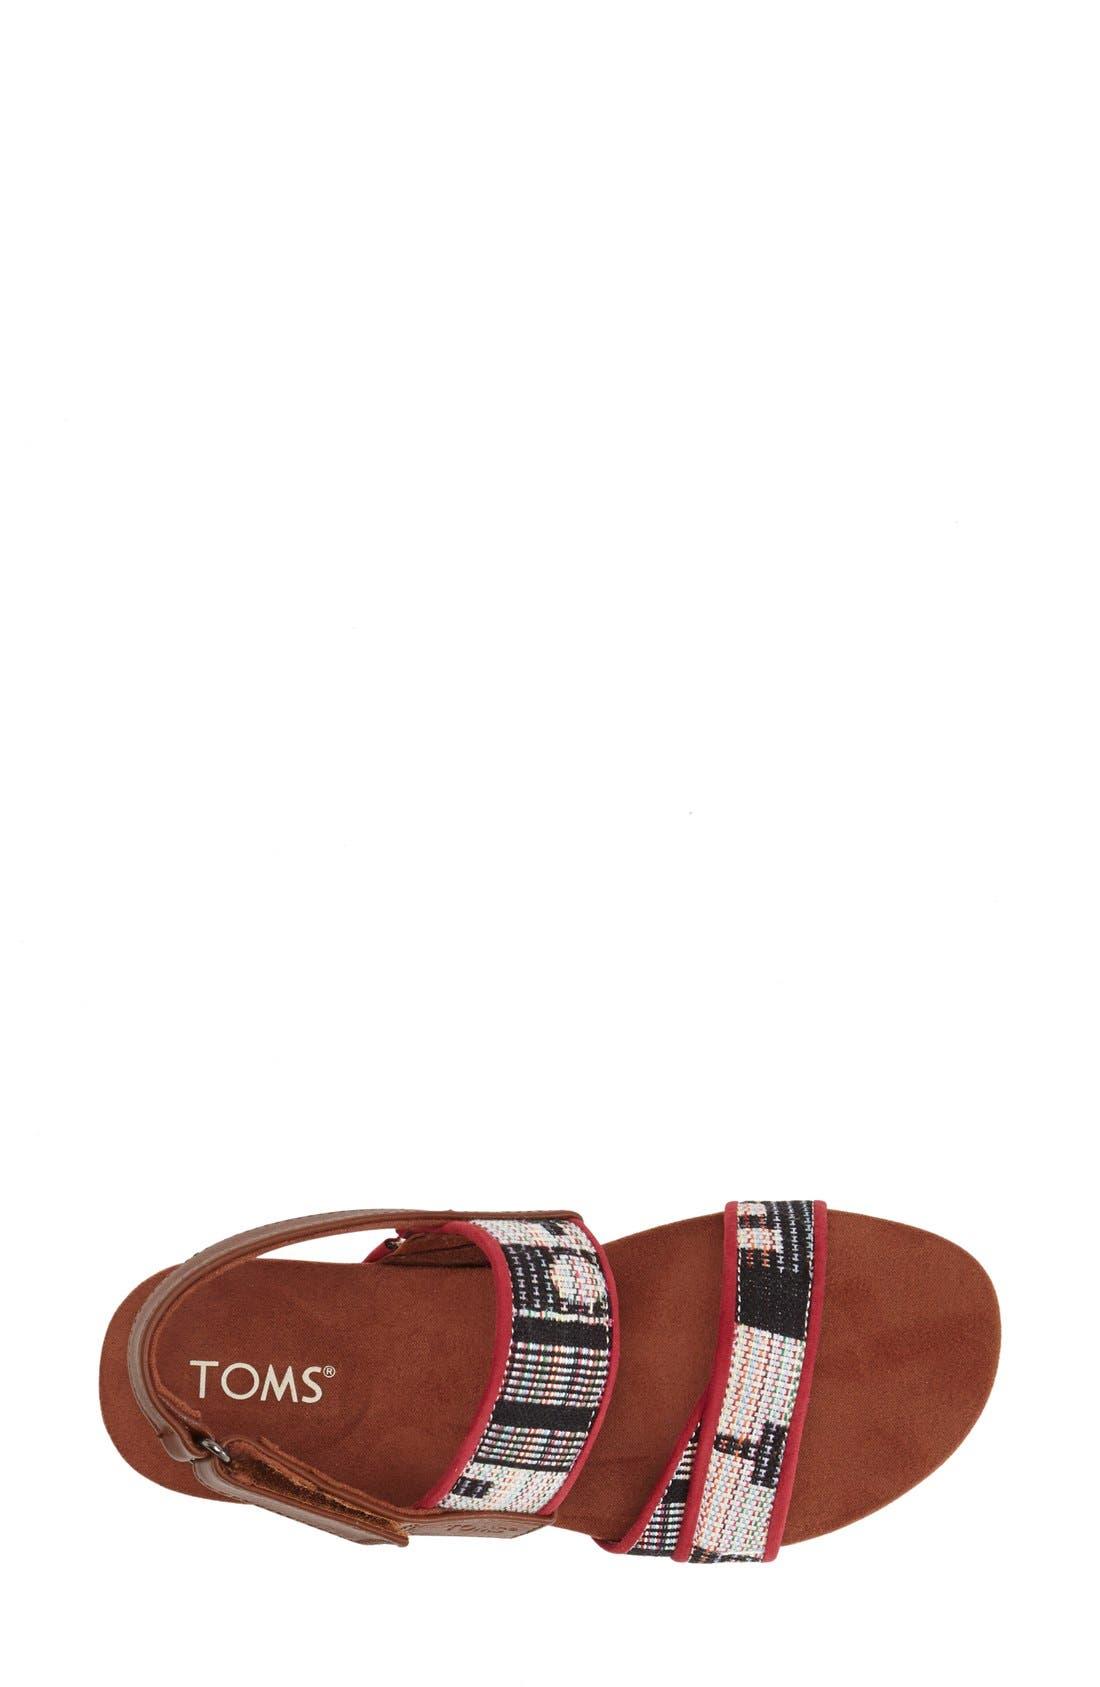 Alternate Image 3  - TOMS 'Tierra' Woven Sandal (Women)